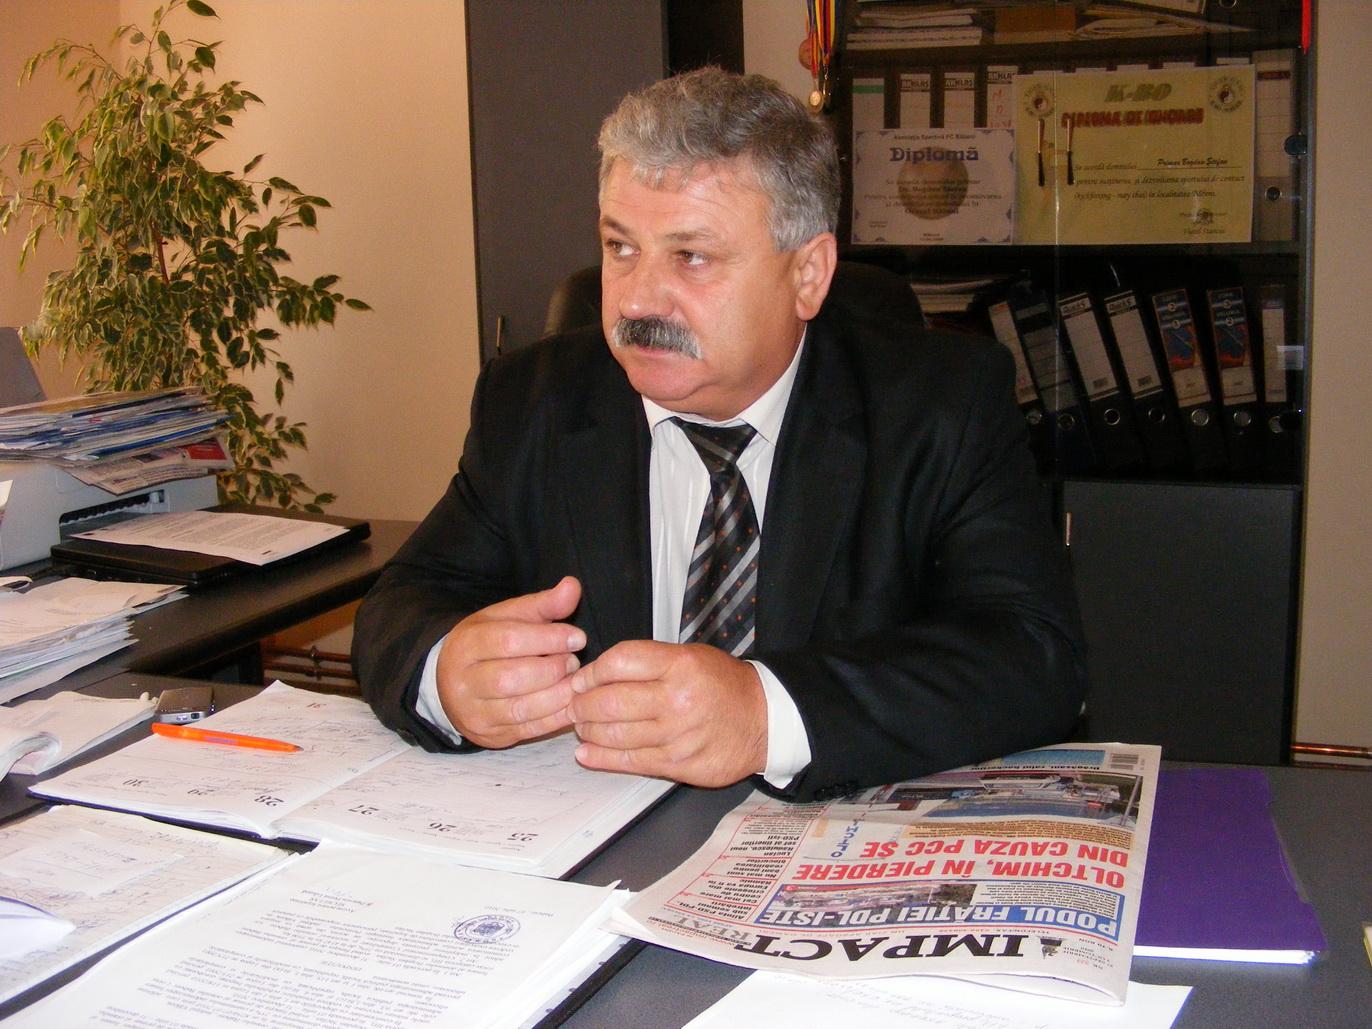 """Stefan Bogdan: """"România este scoasă de la investiţii pe bani europeni, ne dau bani doar pentru cazuri sociale, integrare şi cam atât"""""""